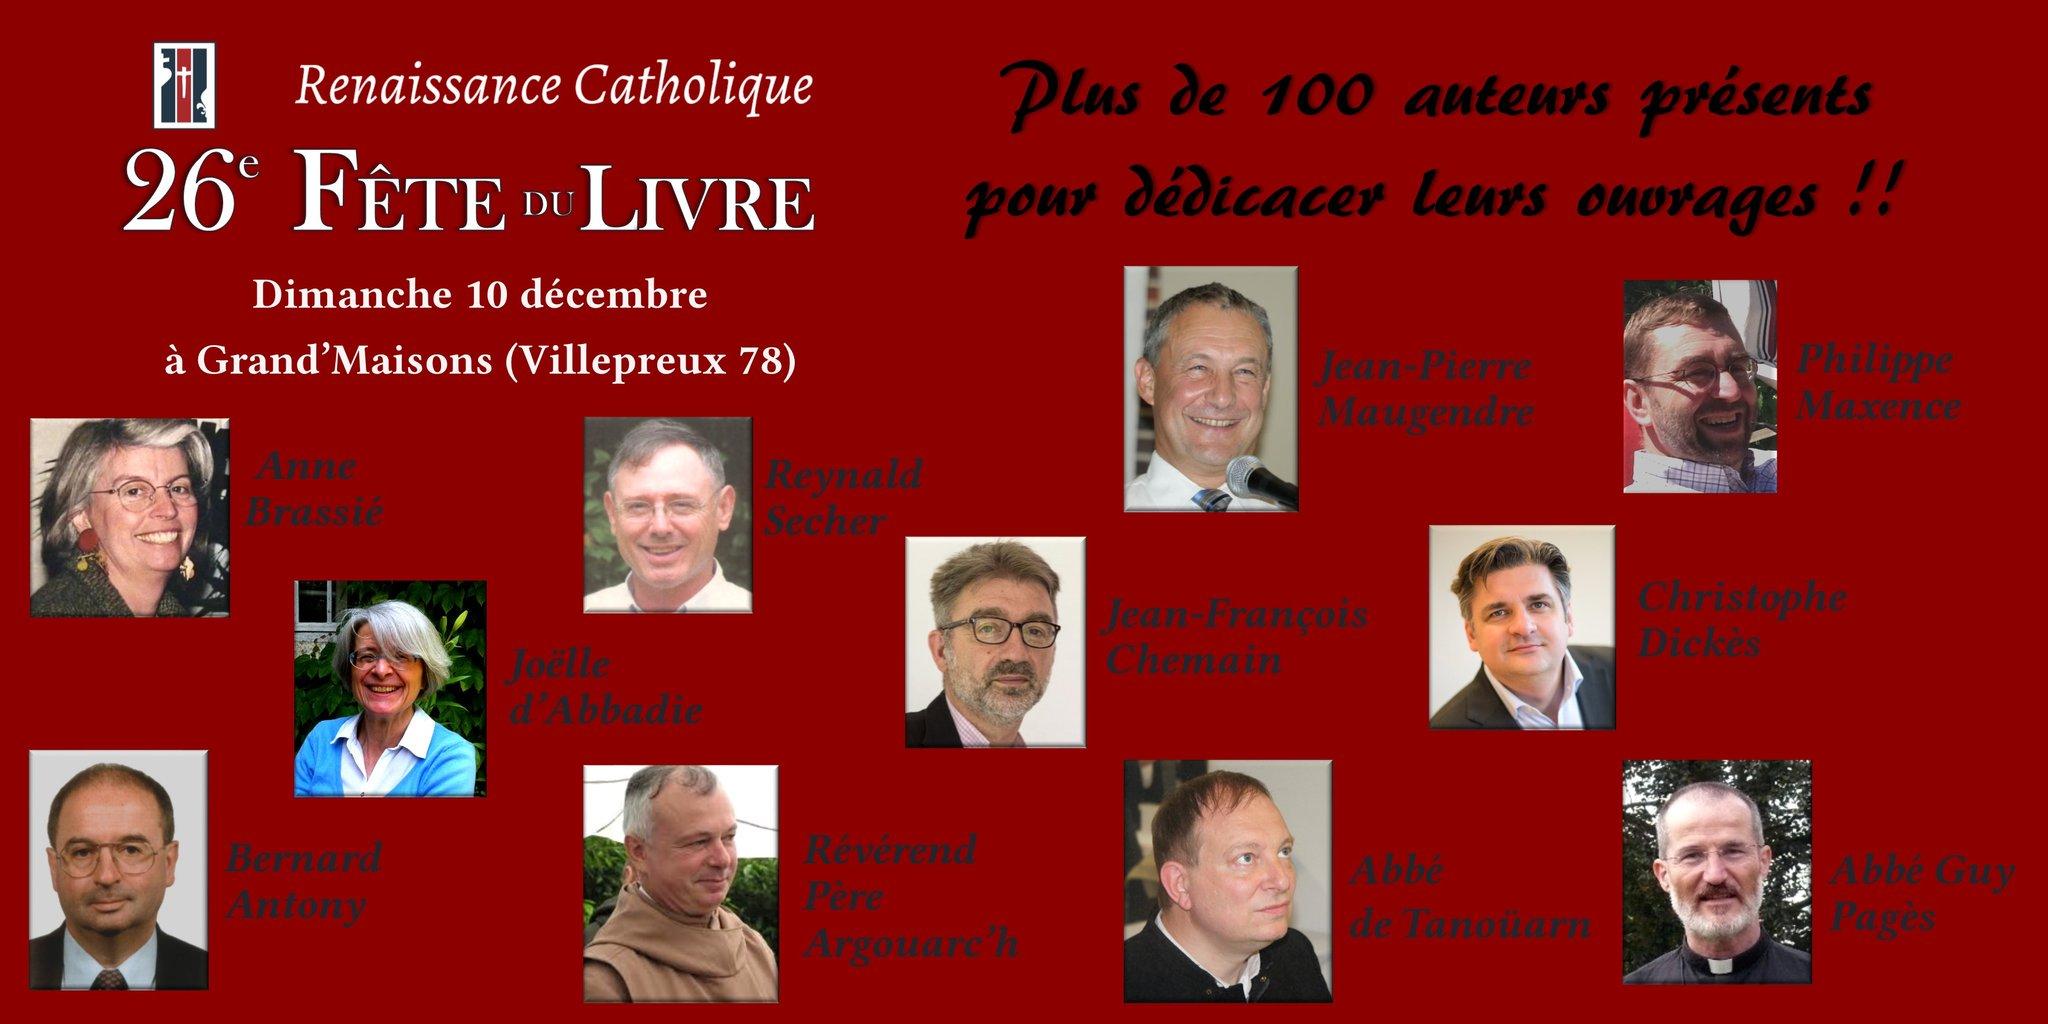 Dédicace à la 26e Fête du Livre, dimanche 10 décembre à Villepreux